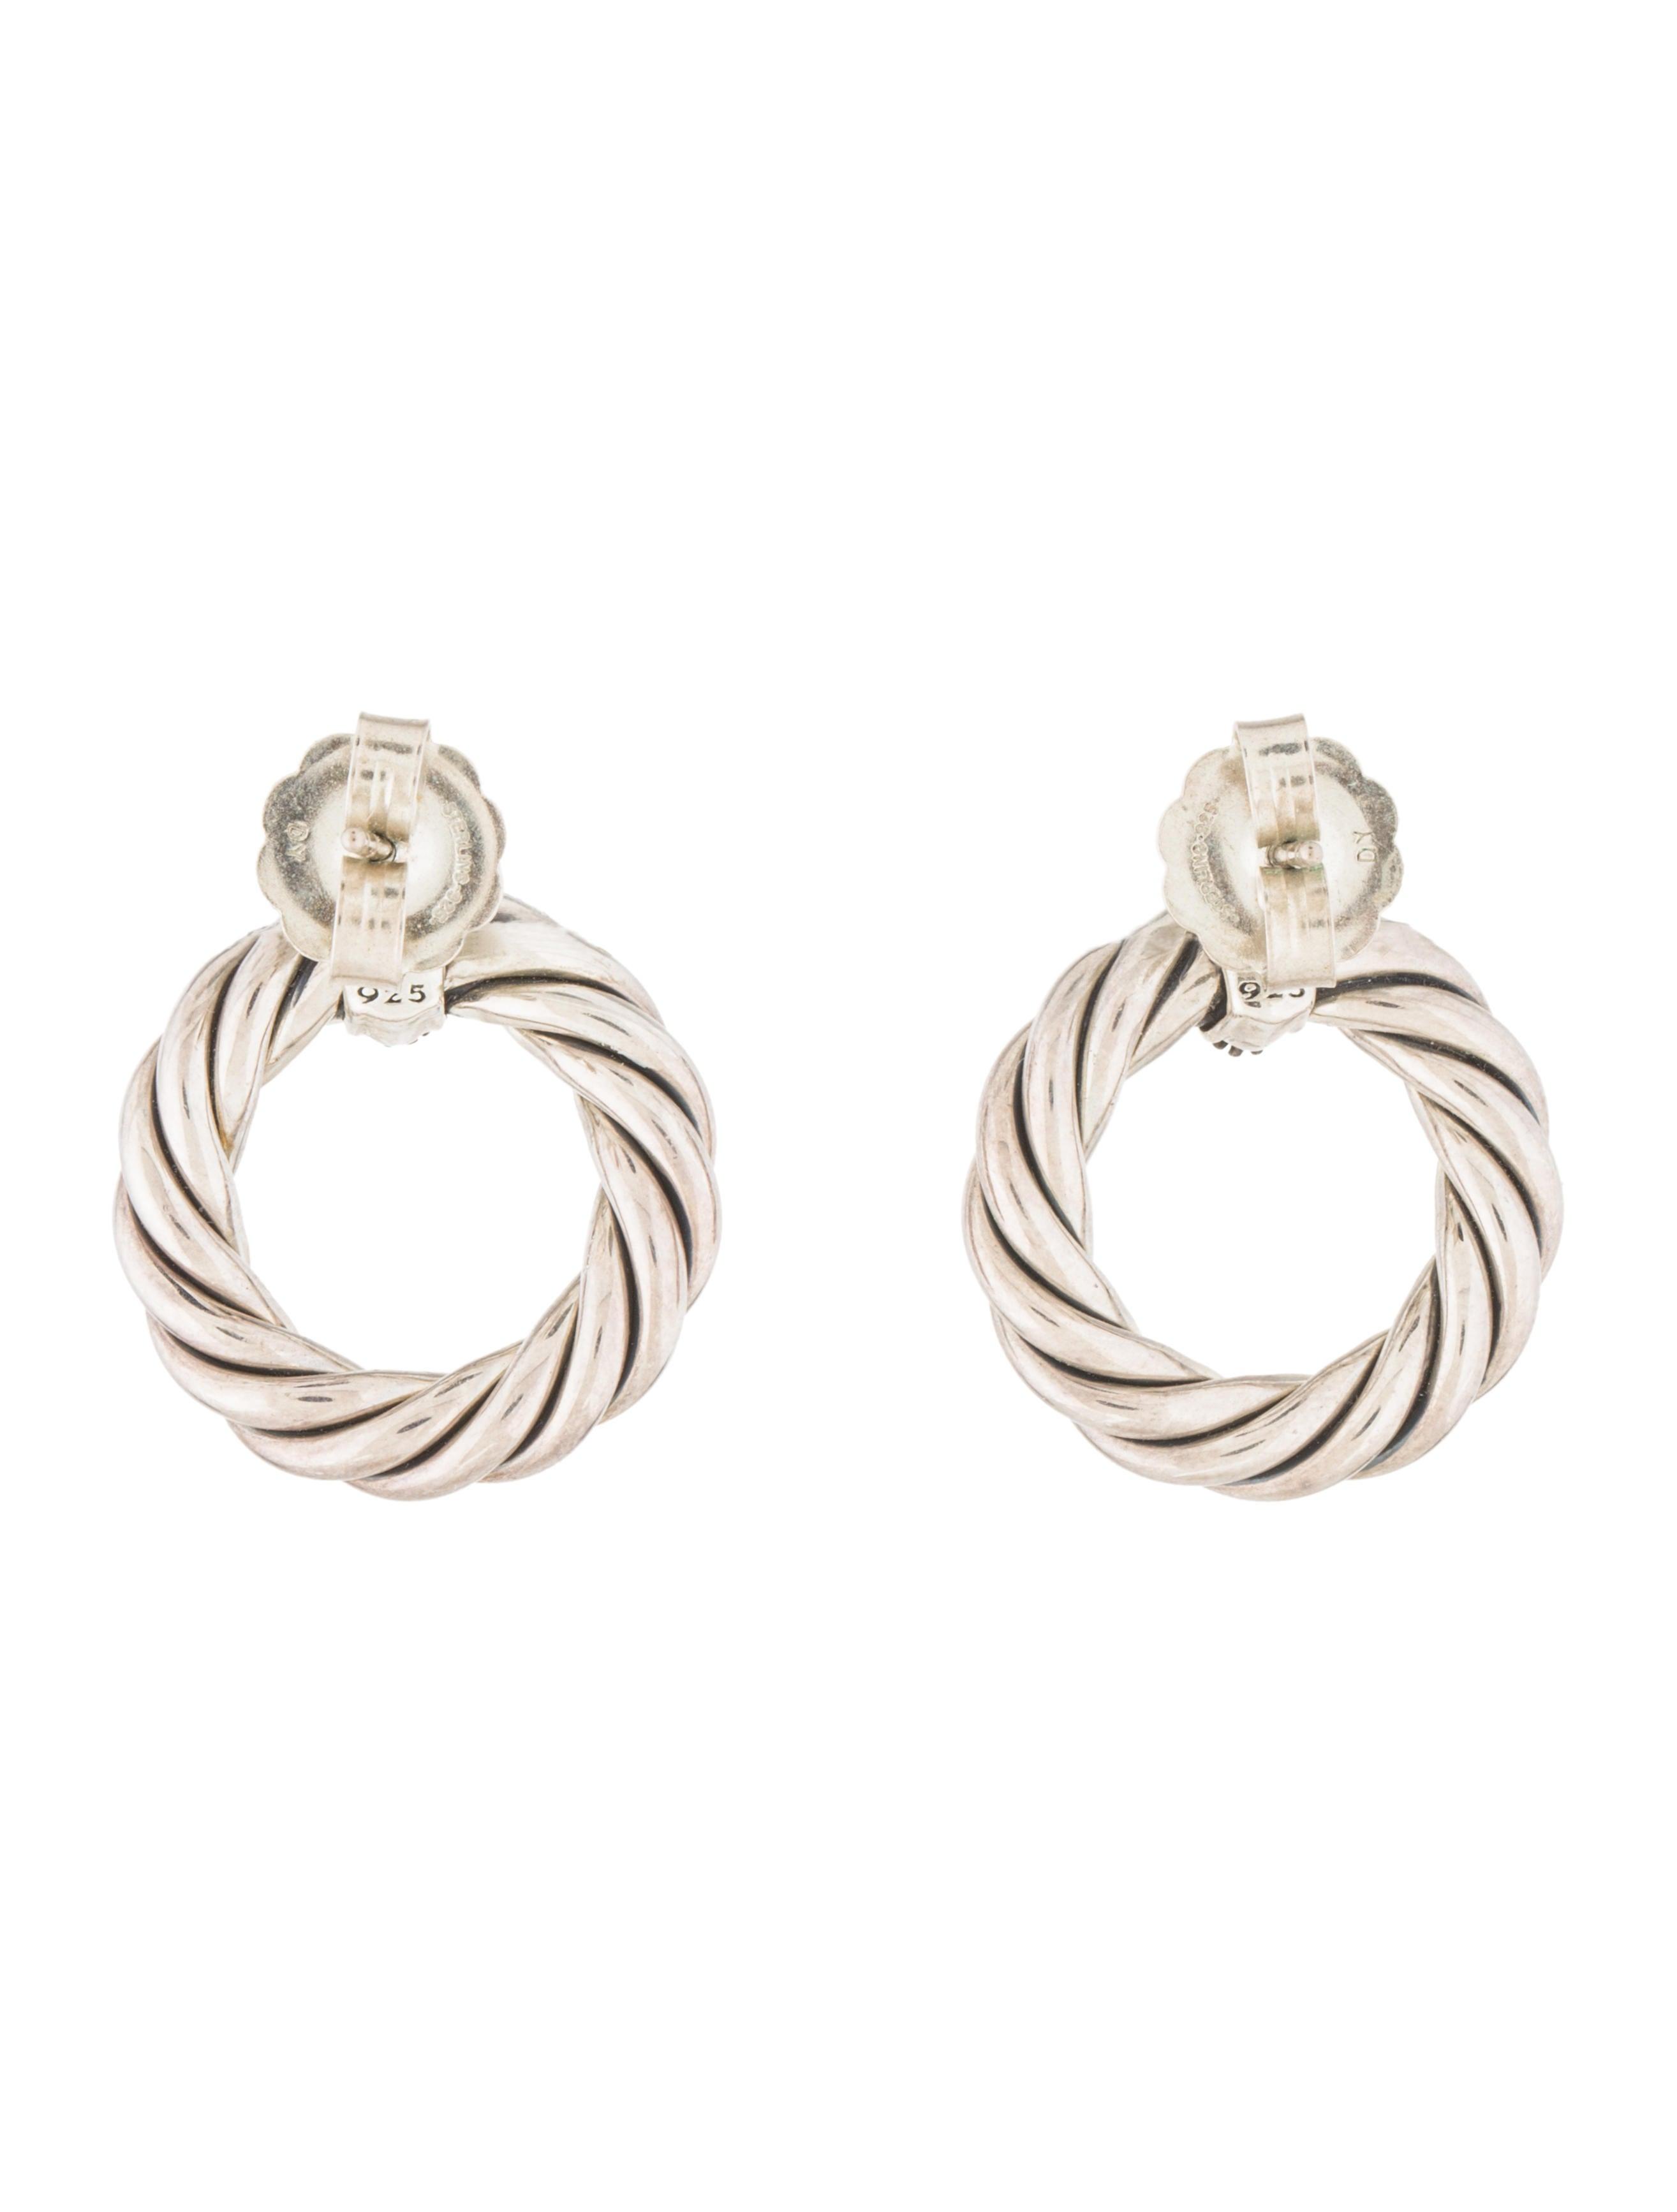 david yurman crossover earrings earrings